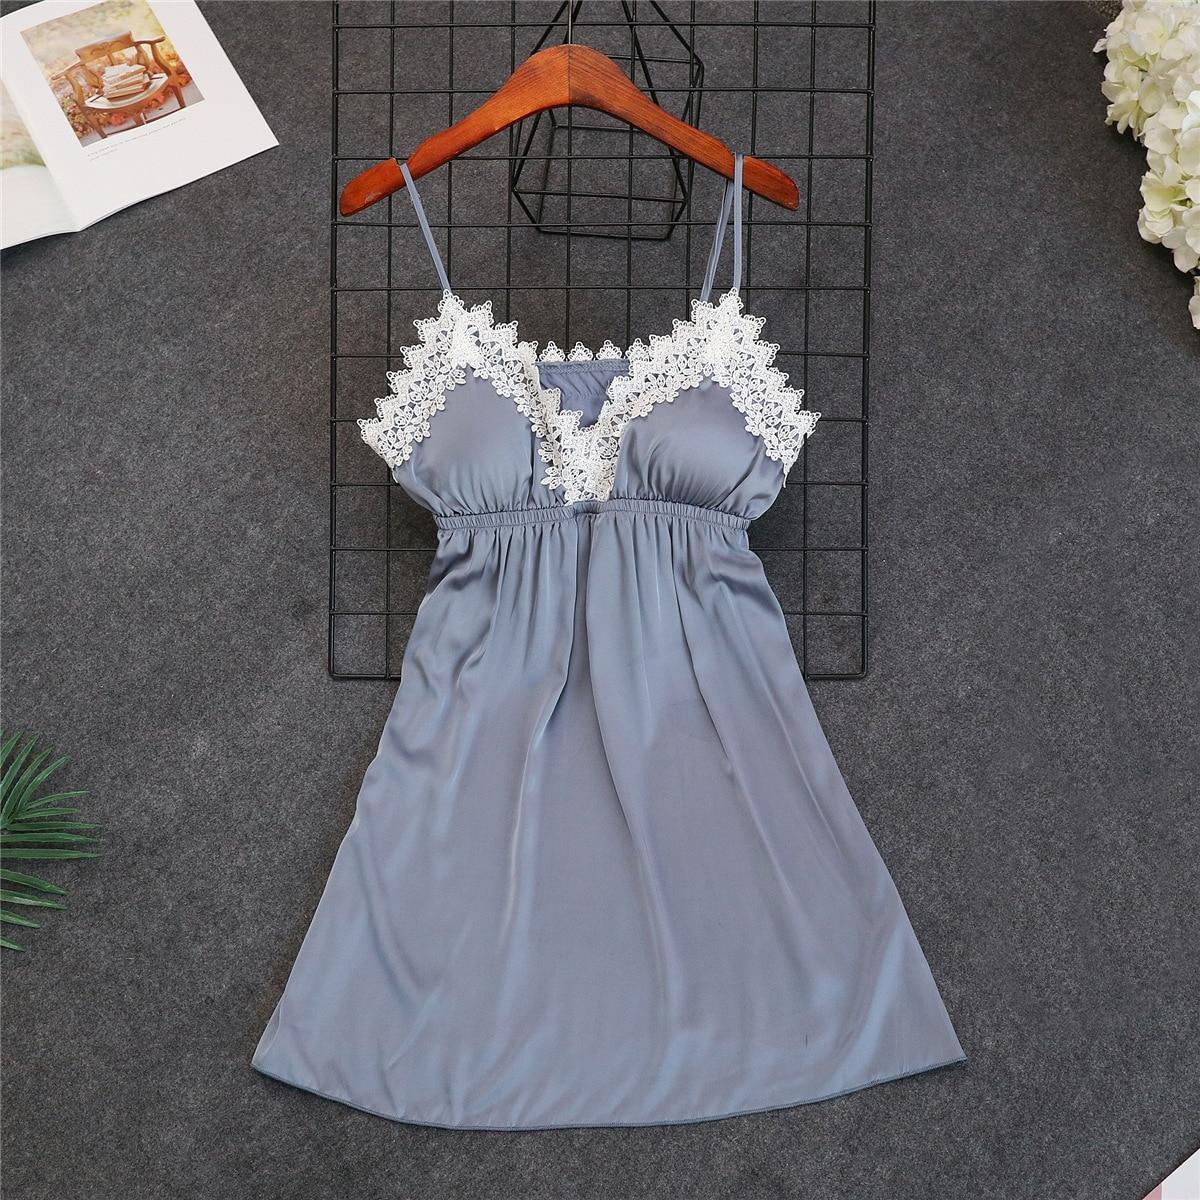 Sexy Womens Silky Sleep Robe Strap Top Sleepwear Nightdress Lady Home Wear Nightgown Bath Gown Sleepshirts Bathrobe M-XL